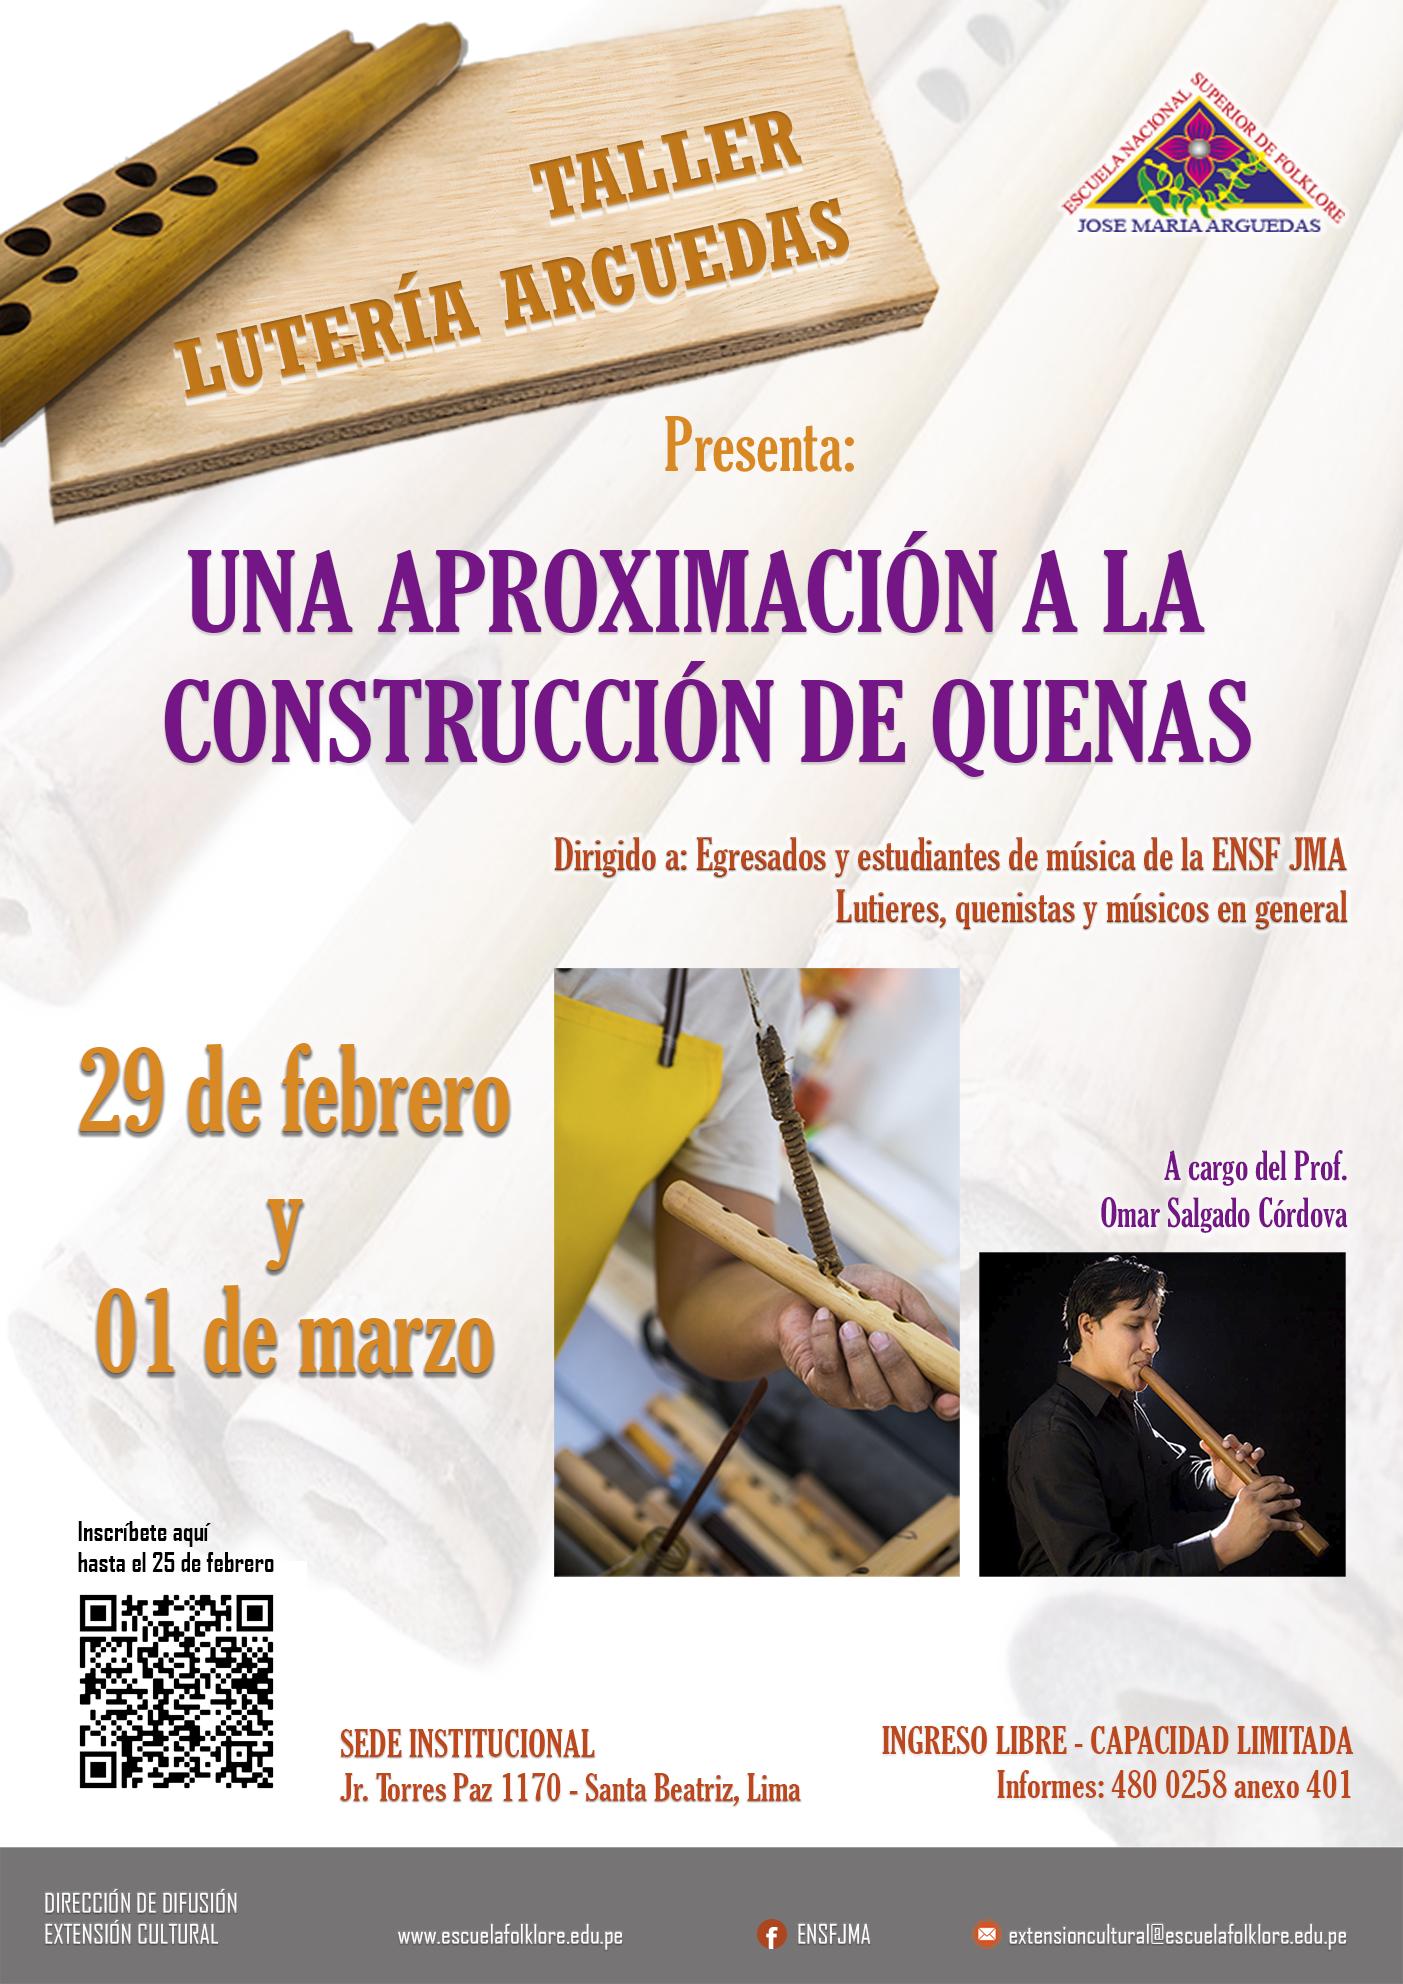 TALLER LUTERÍA ARGUEDAS: UNA APROXIMACIÓN A LA CONSTRUCCIÓN DE QUENAS